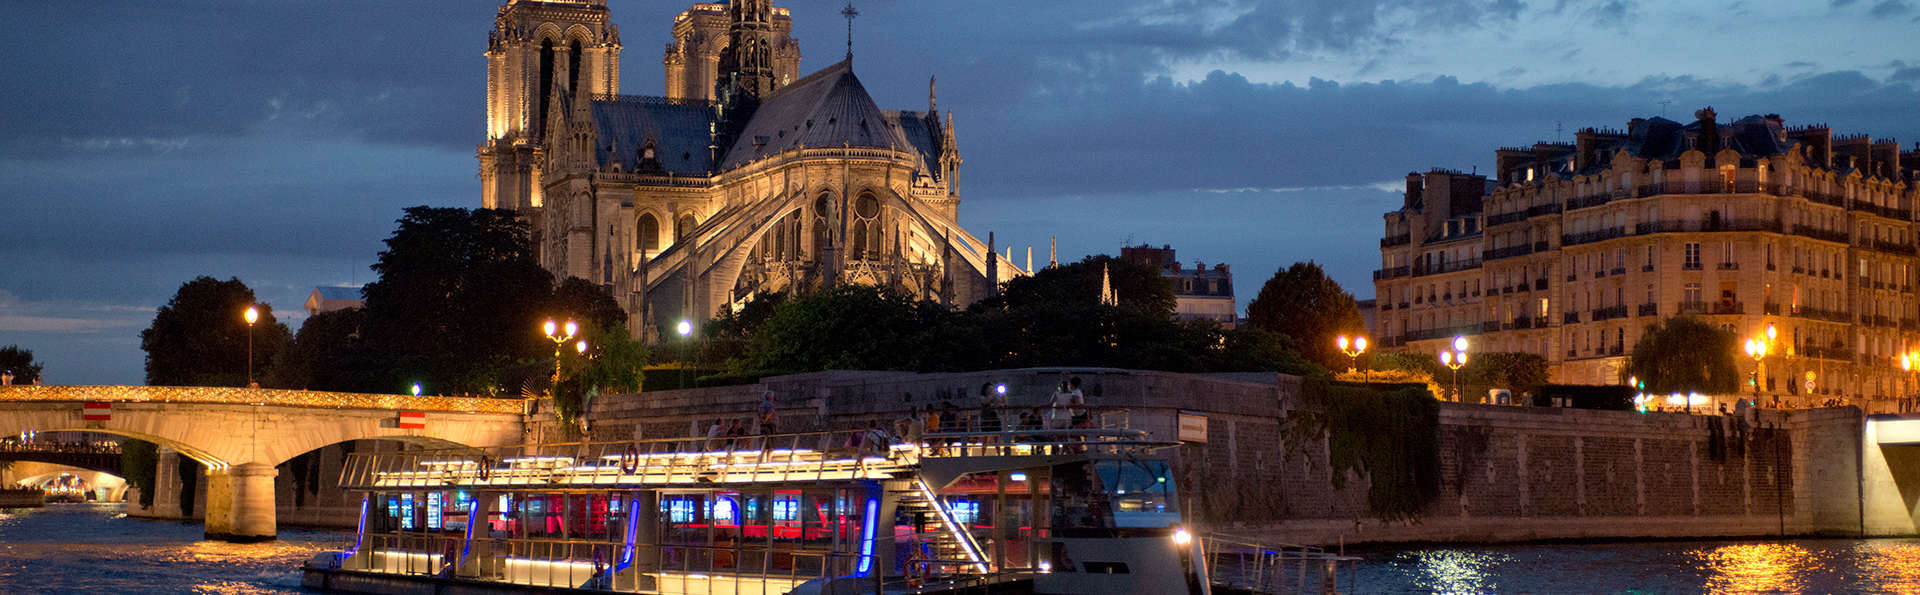 Évasion et dépaysement à Paris avec balade en bateau sur la Seine